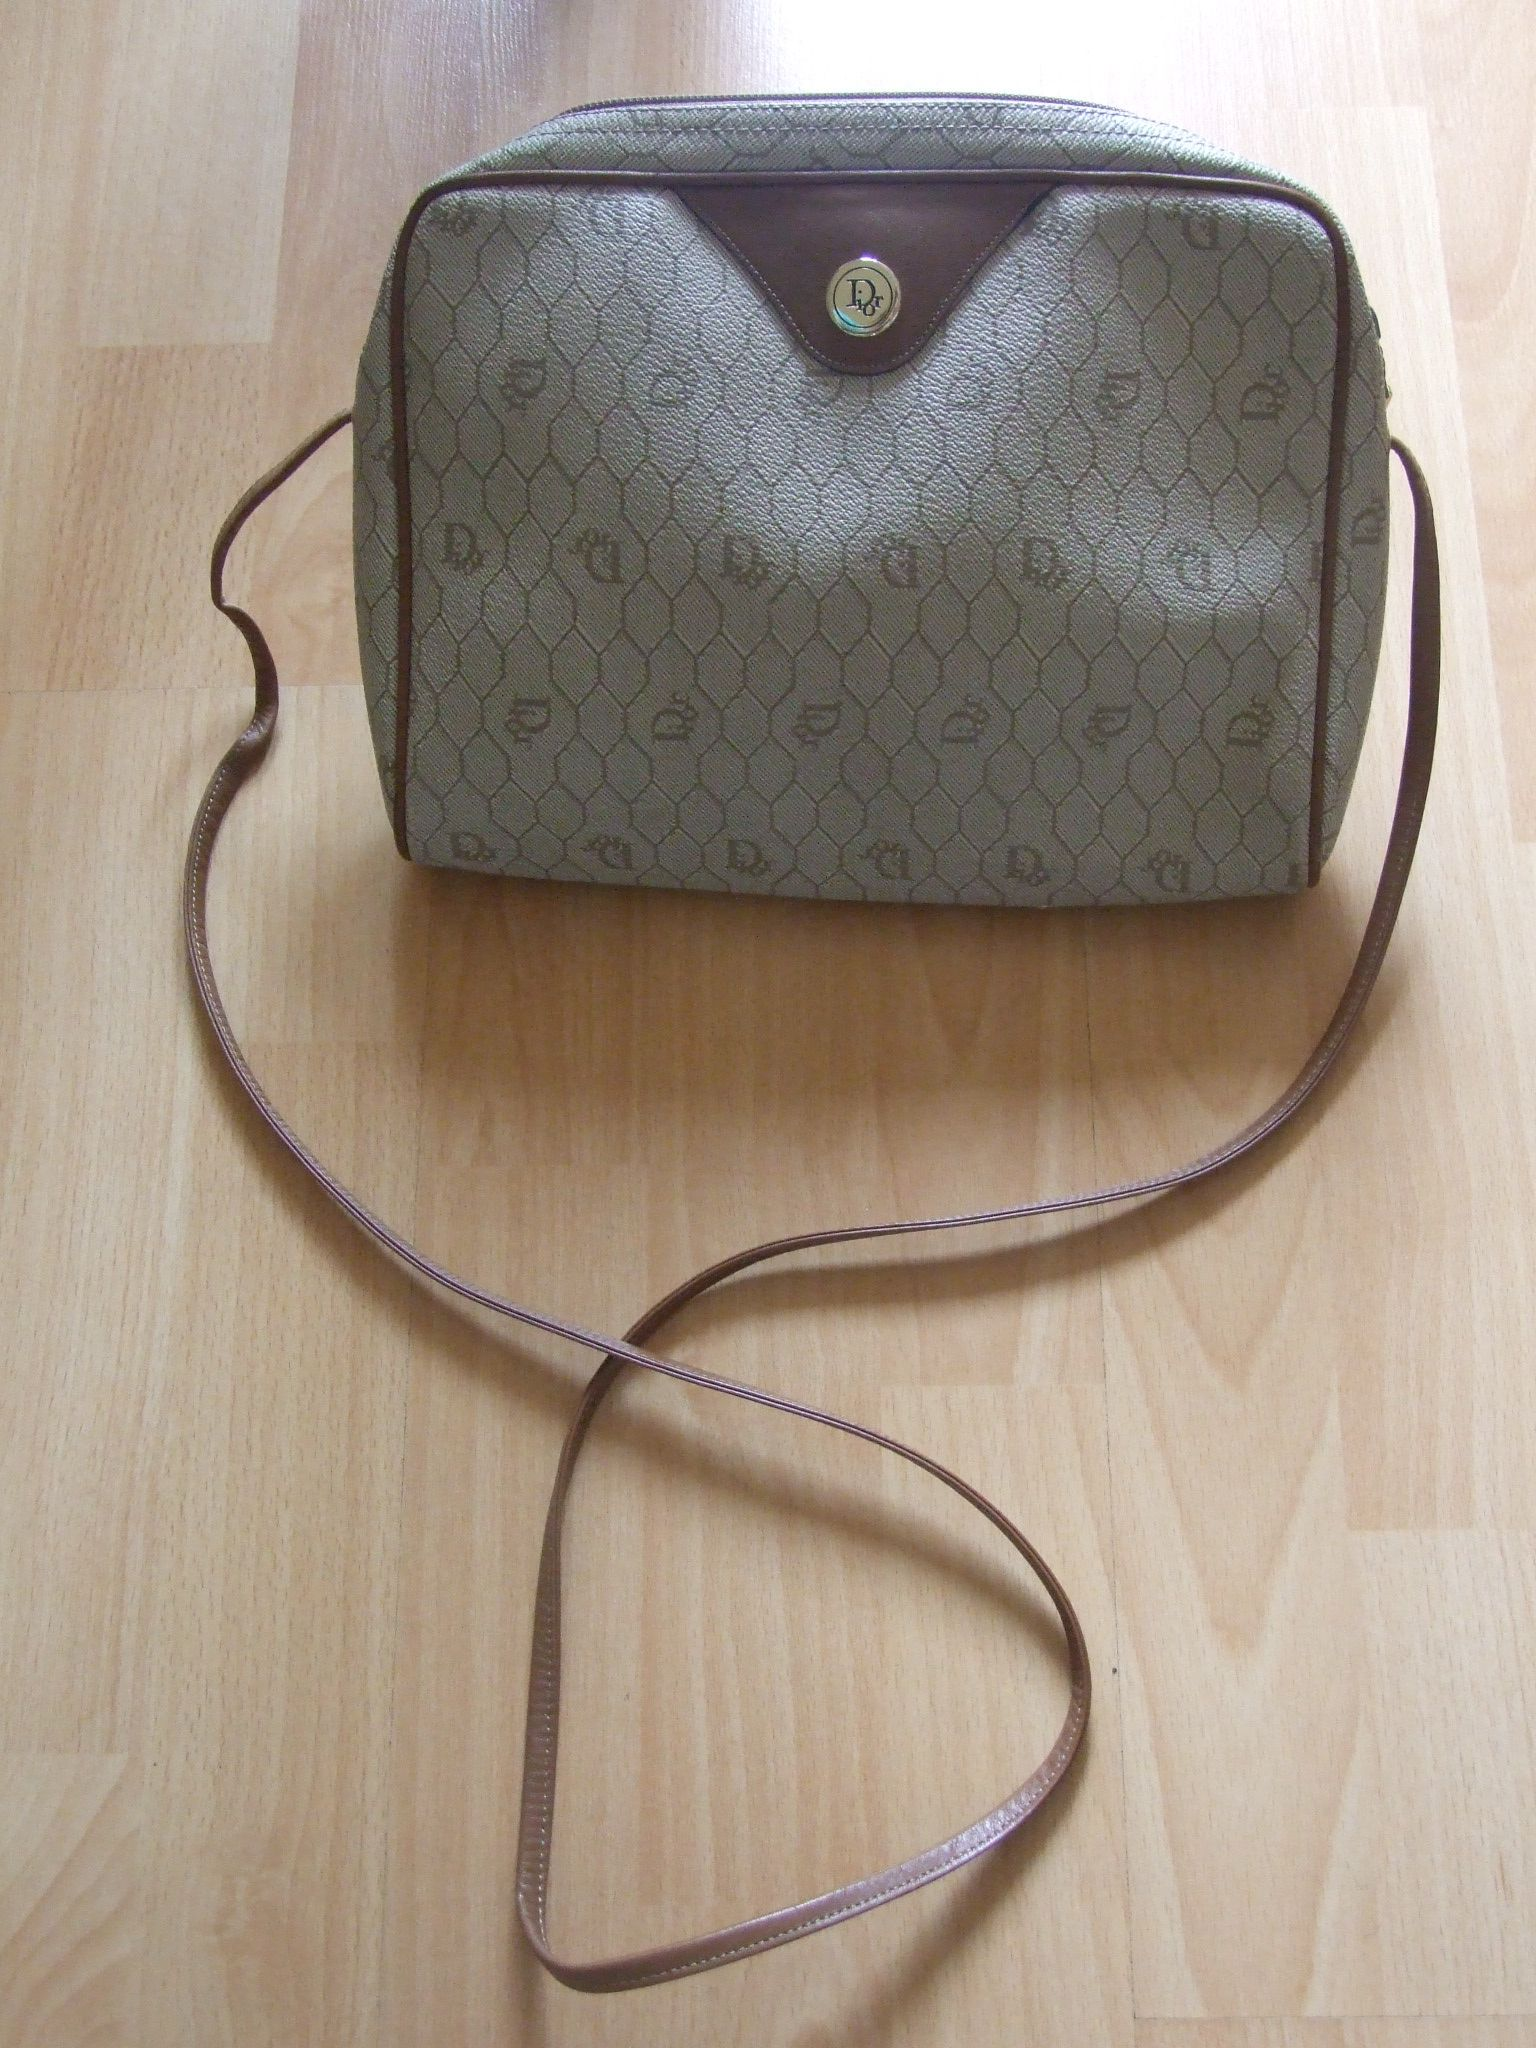 9849b139d37 Authentic Vintage Rare Christian Dior Logos Shoulder Bag Beige FRANCE